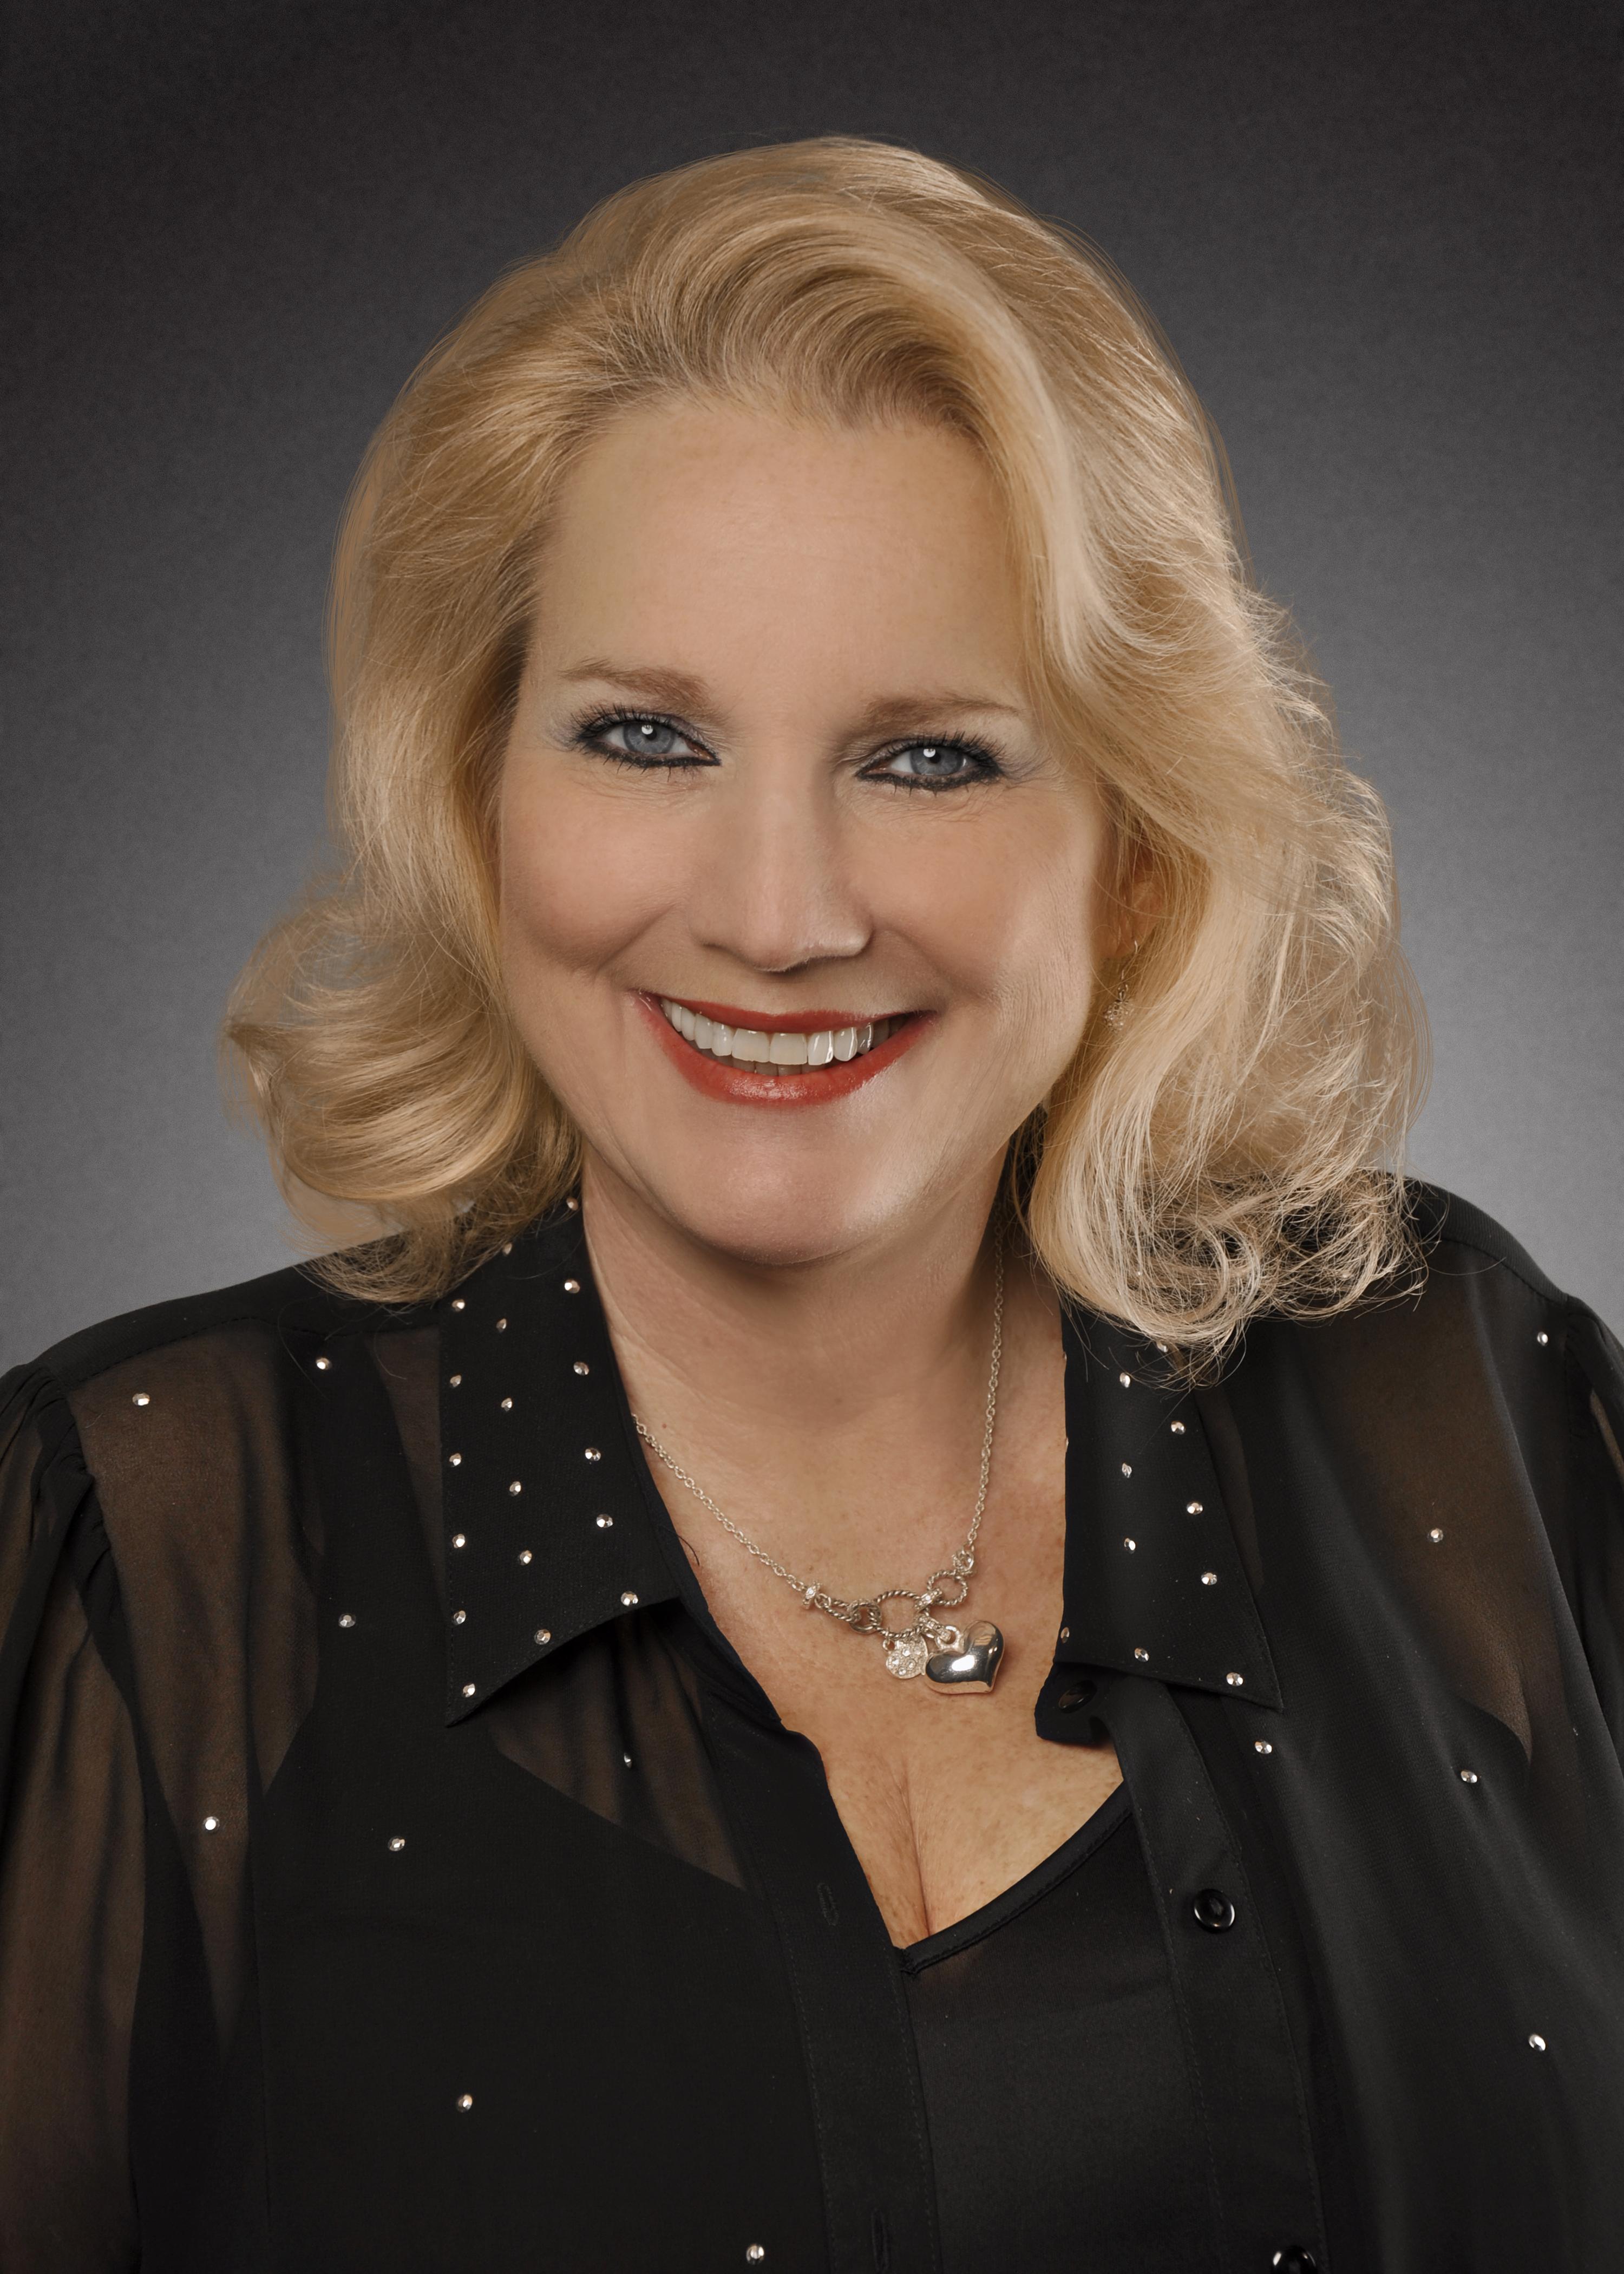 Sharon Hyres